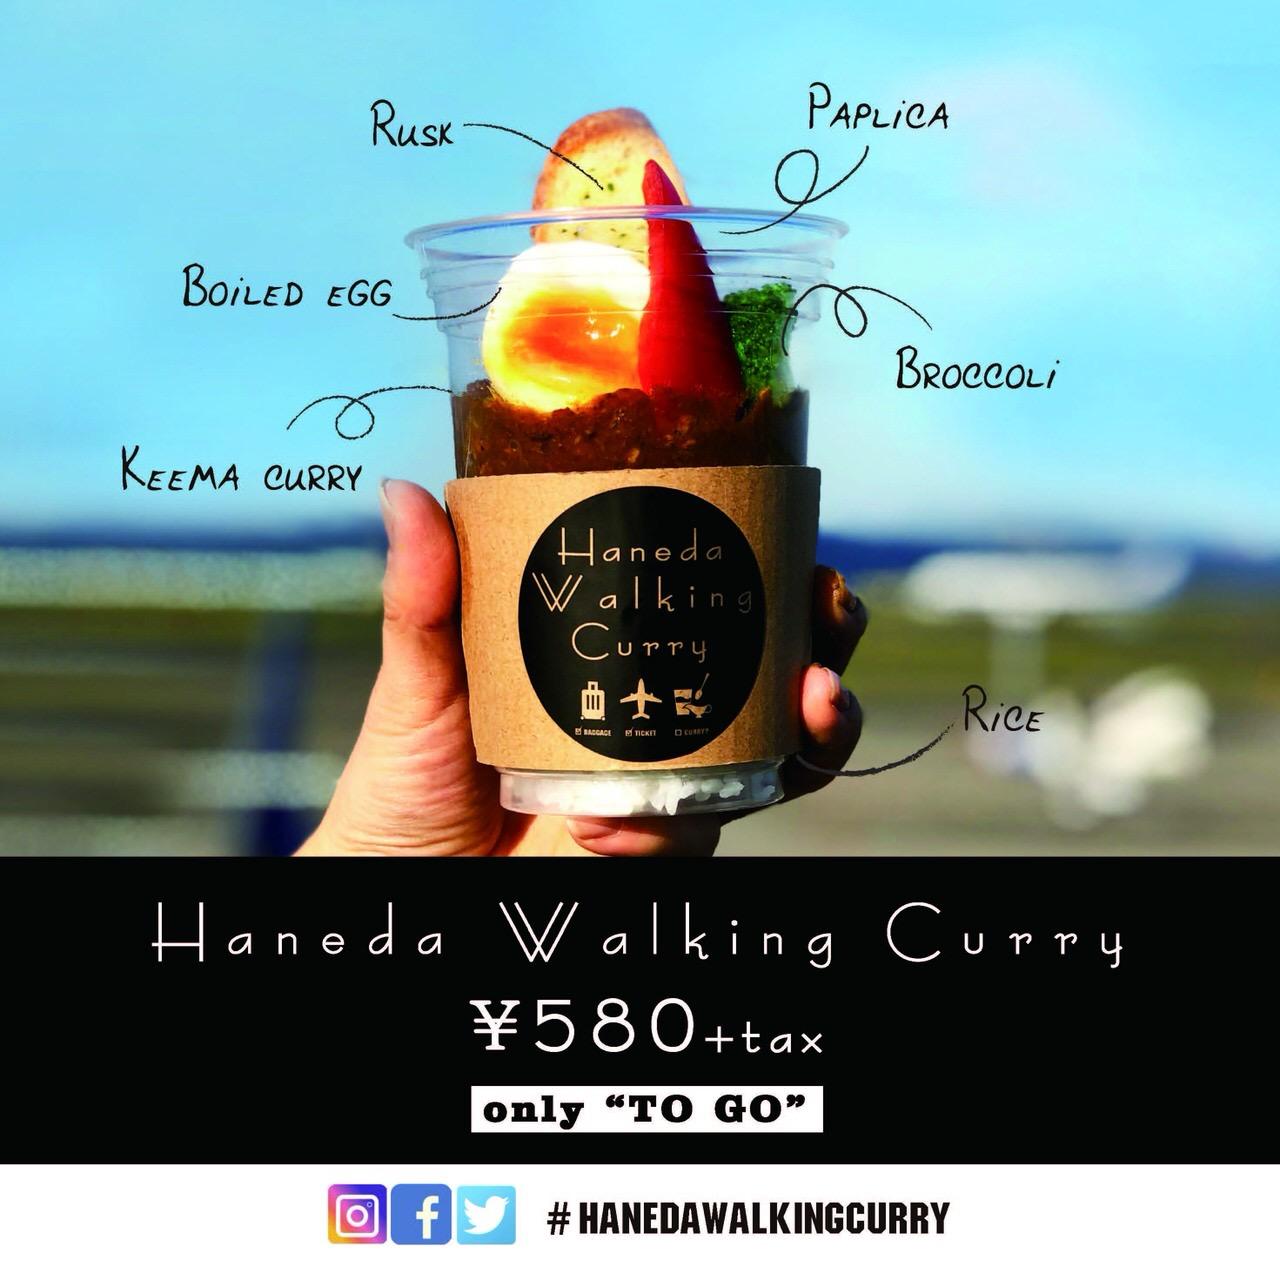 羽田空港でのみテイクアウトできるカップで食べるカレー「羽田ウォーキングカレー」